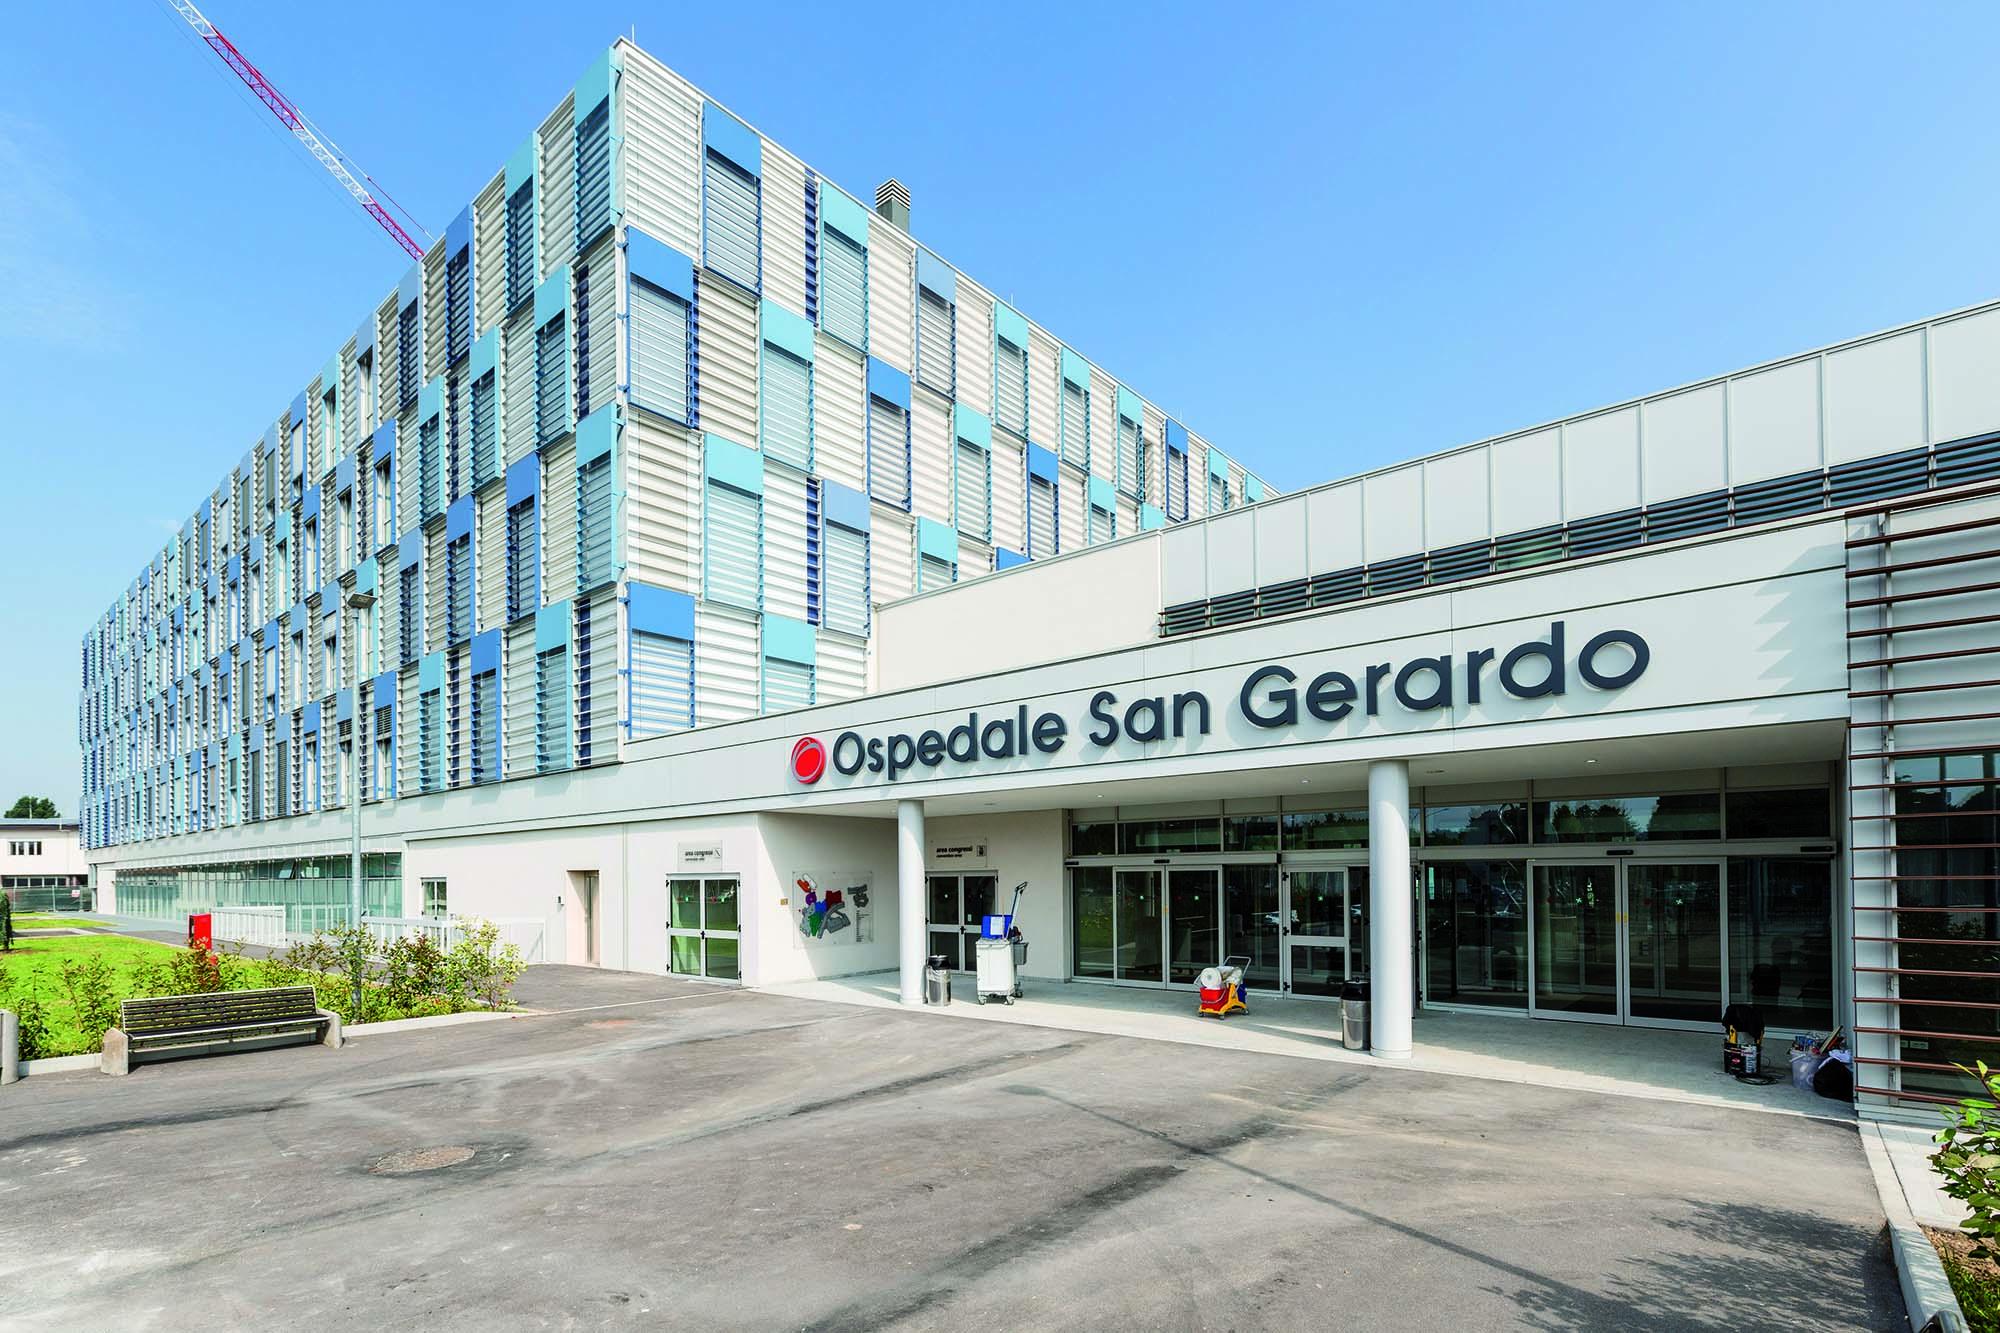 L'Ospedale San Gerardo di Monza